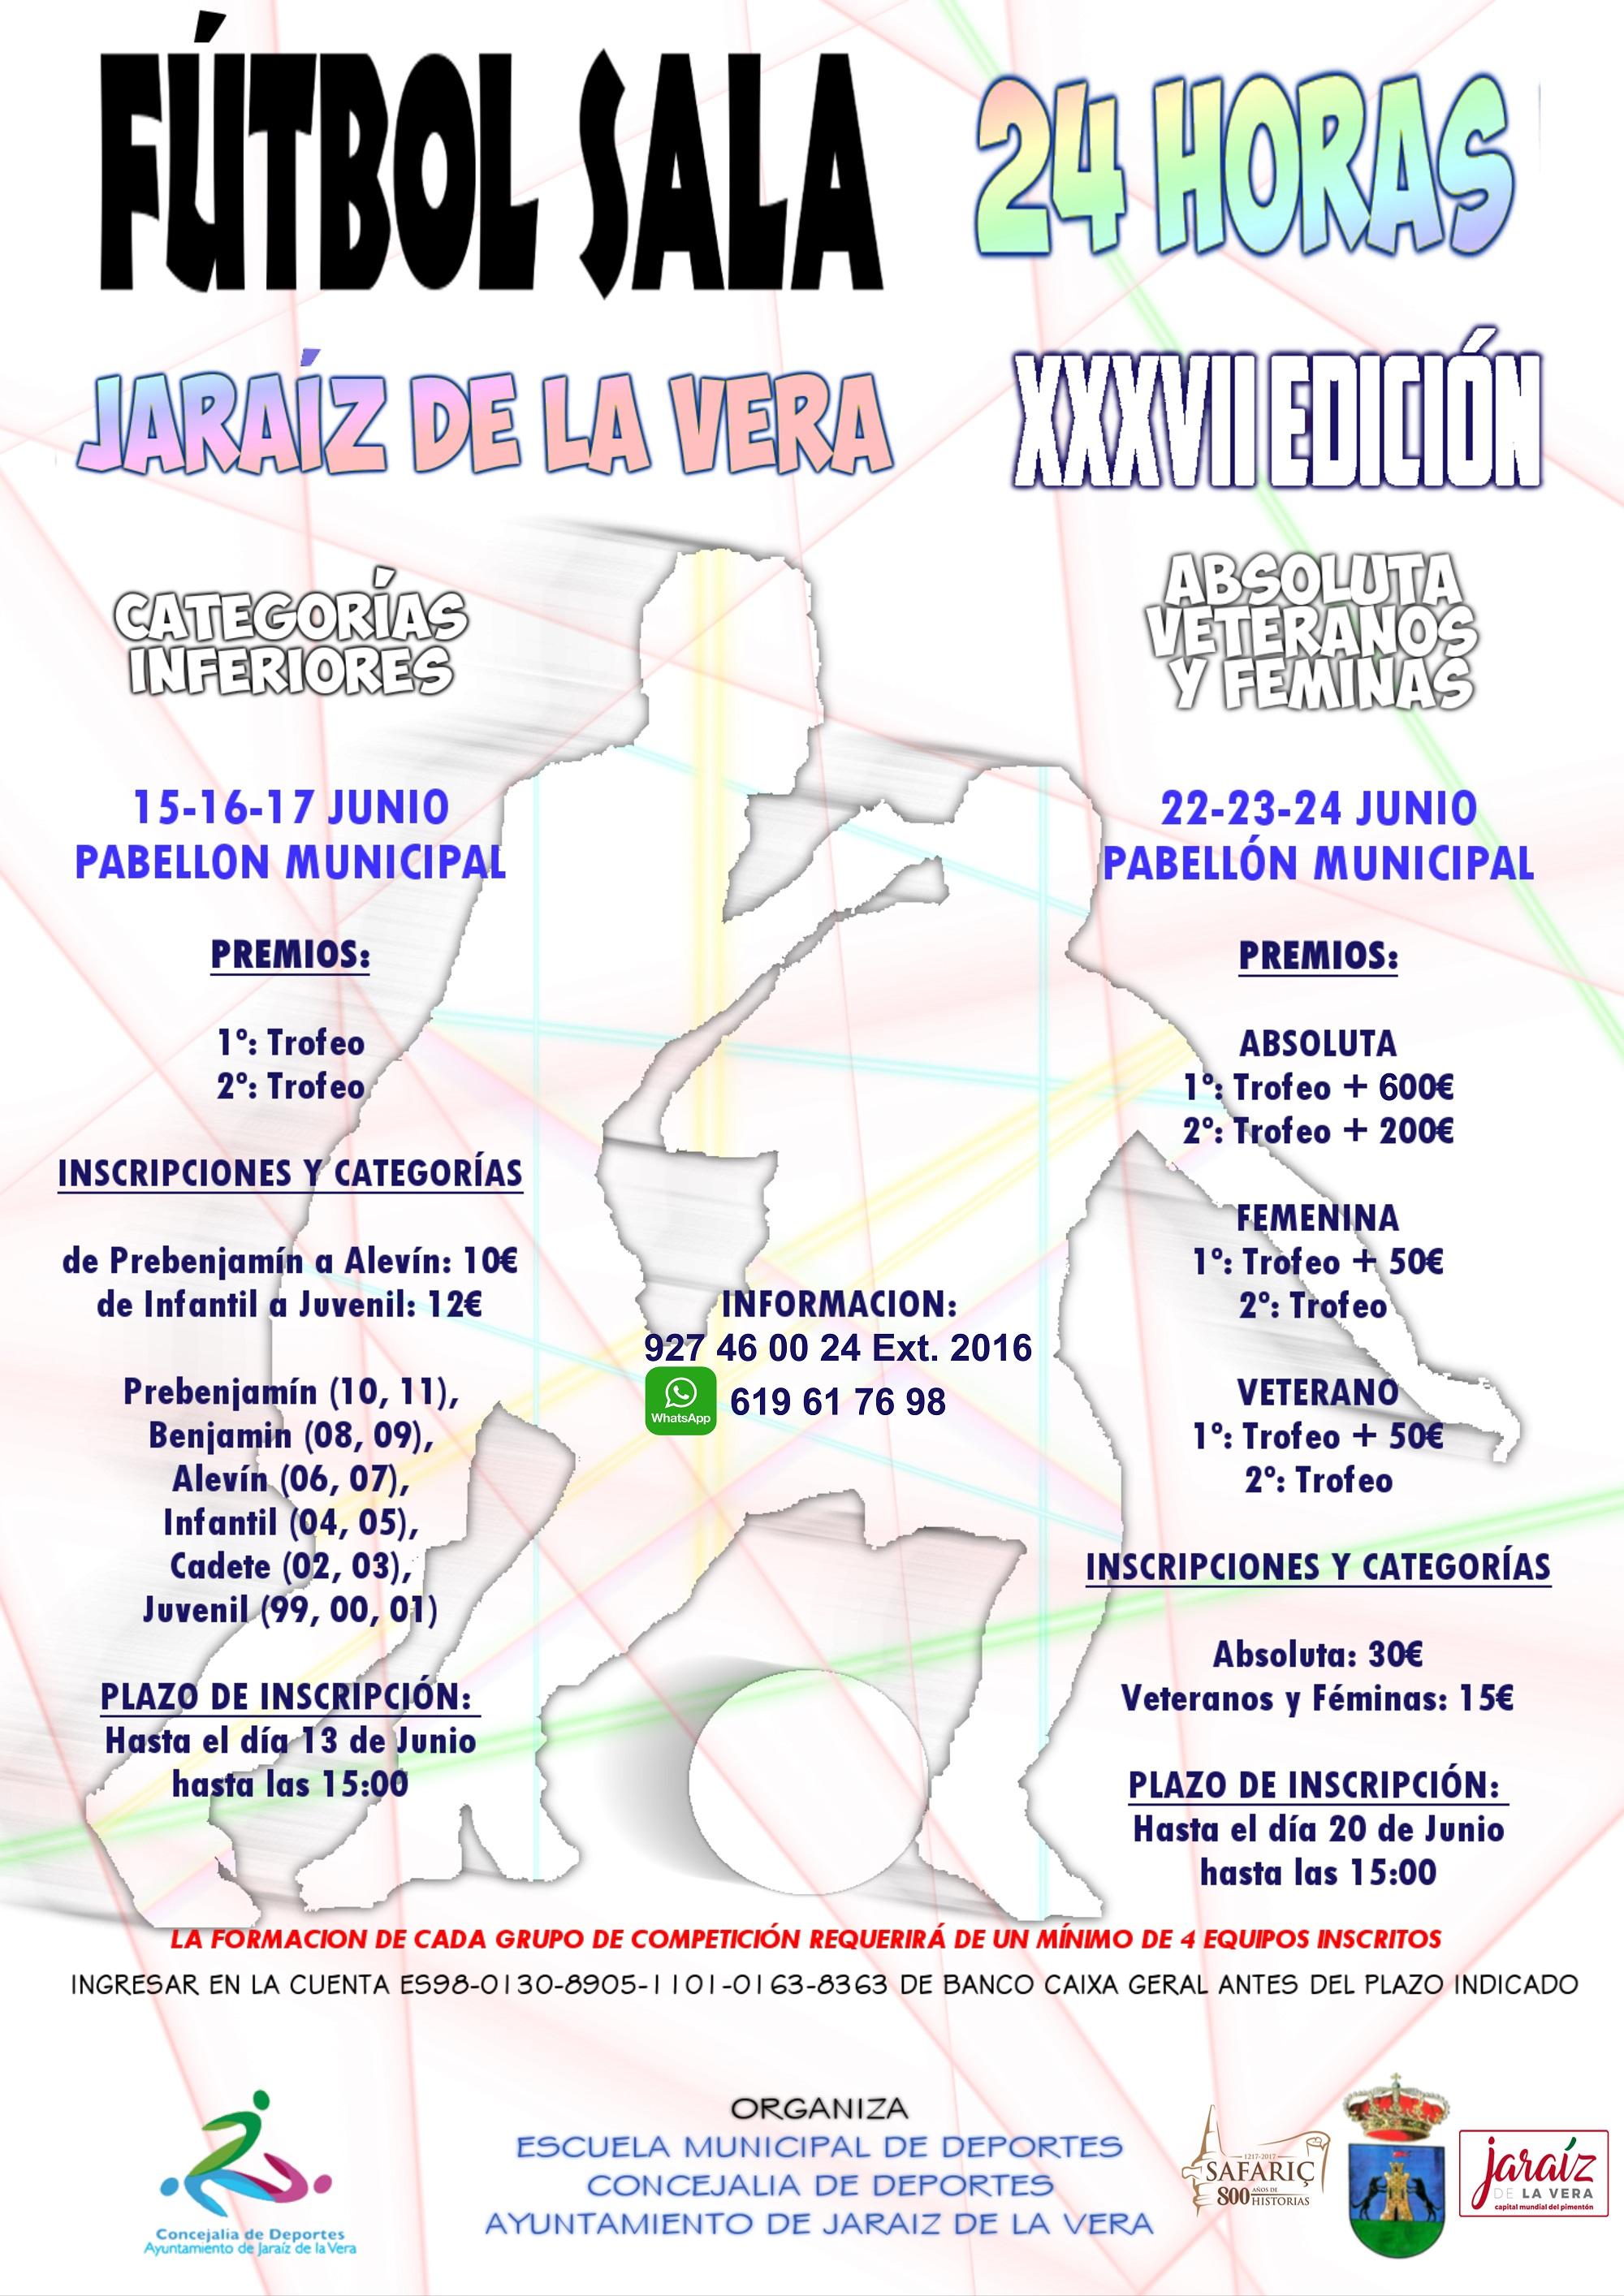 XXXVII Edición de las 24 Horas de Fútbol Sala de Jaraíz de la Vera 2018